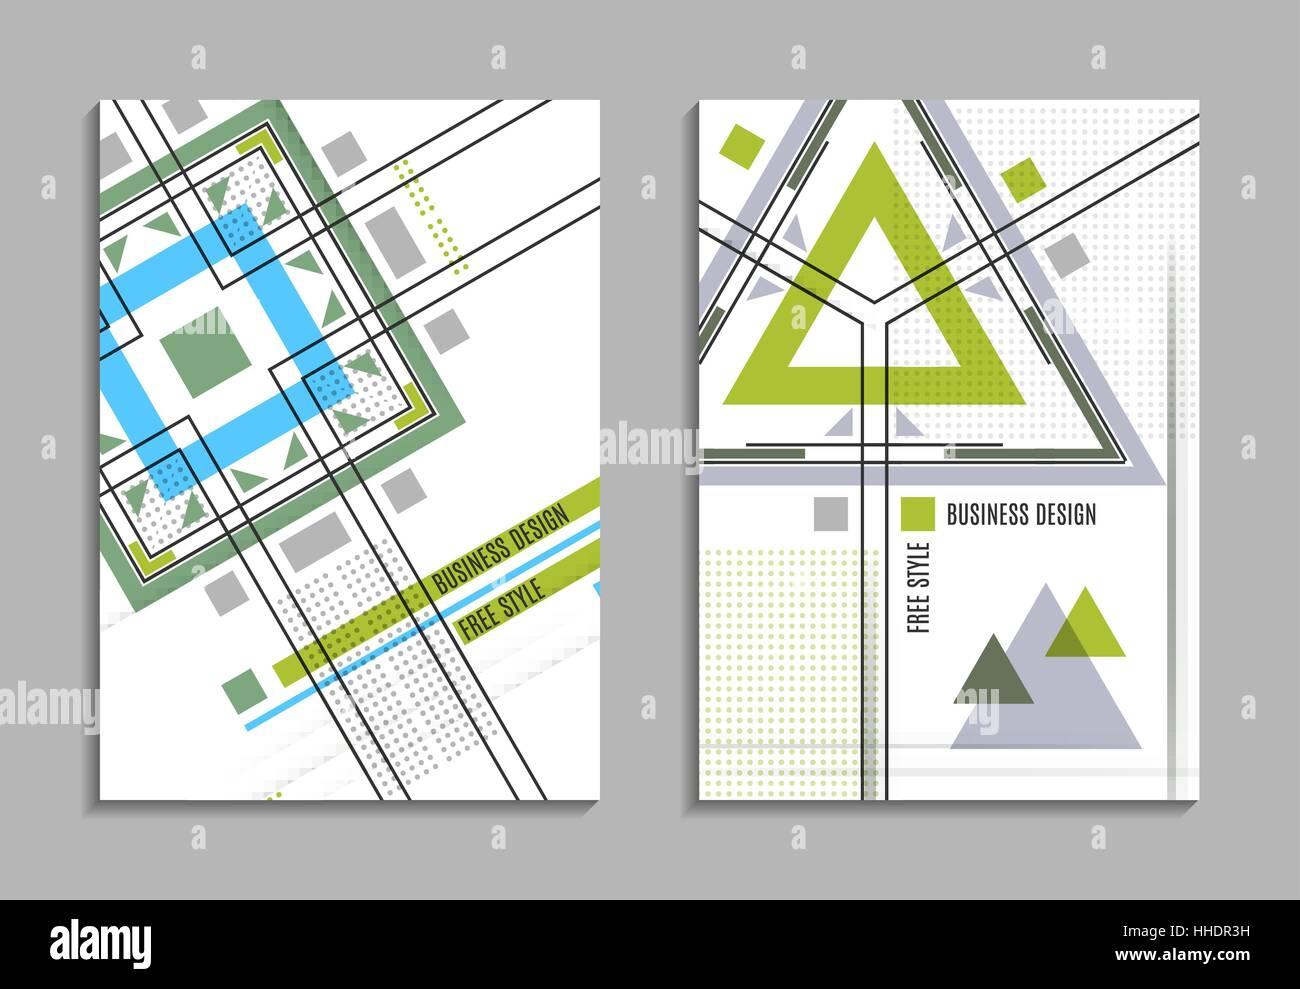 Jeu De Carte Visite Conception Geometrique Abstraite Brochure Feuille Titre Texte Reative La Surface Du Cadre EPS10 Modele